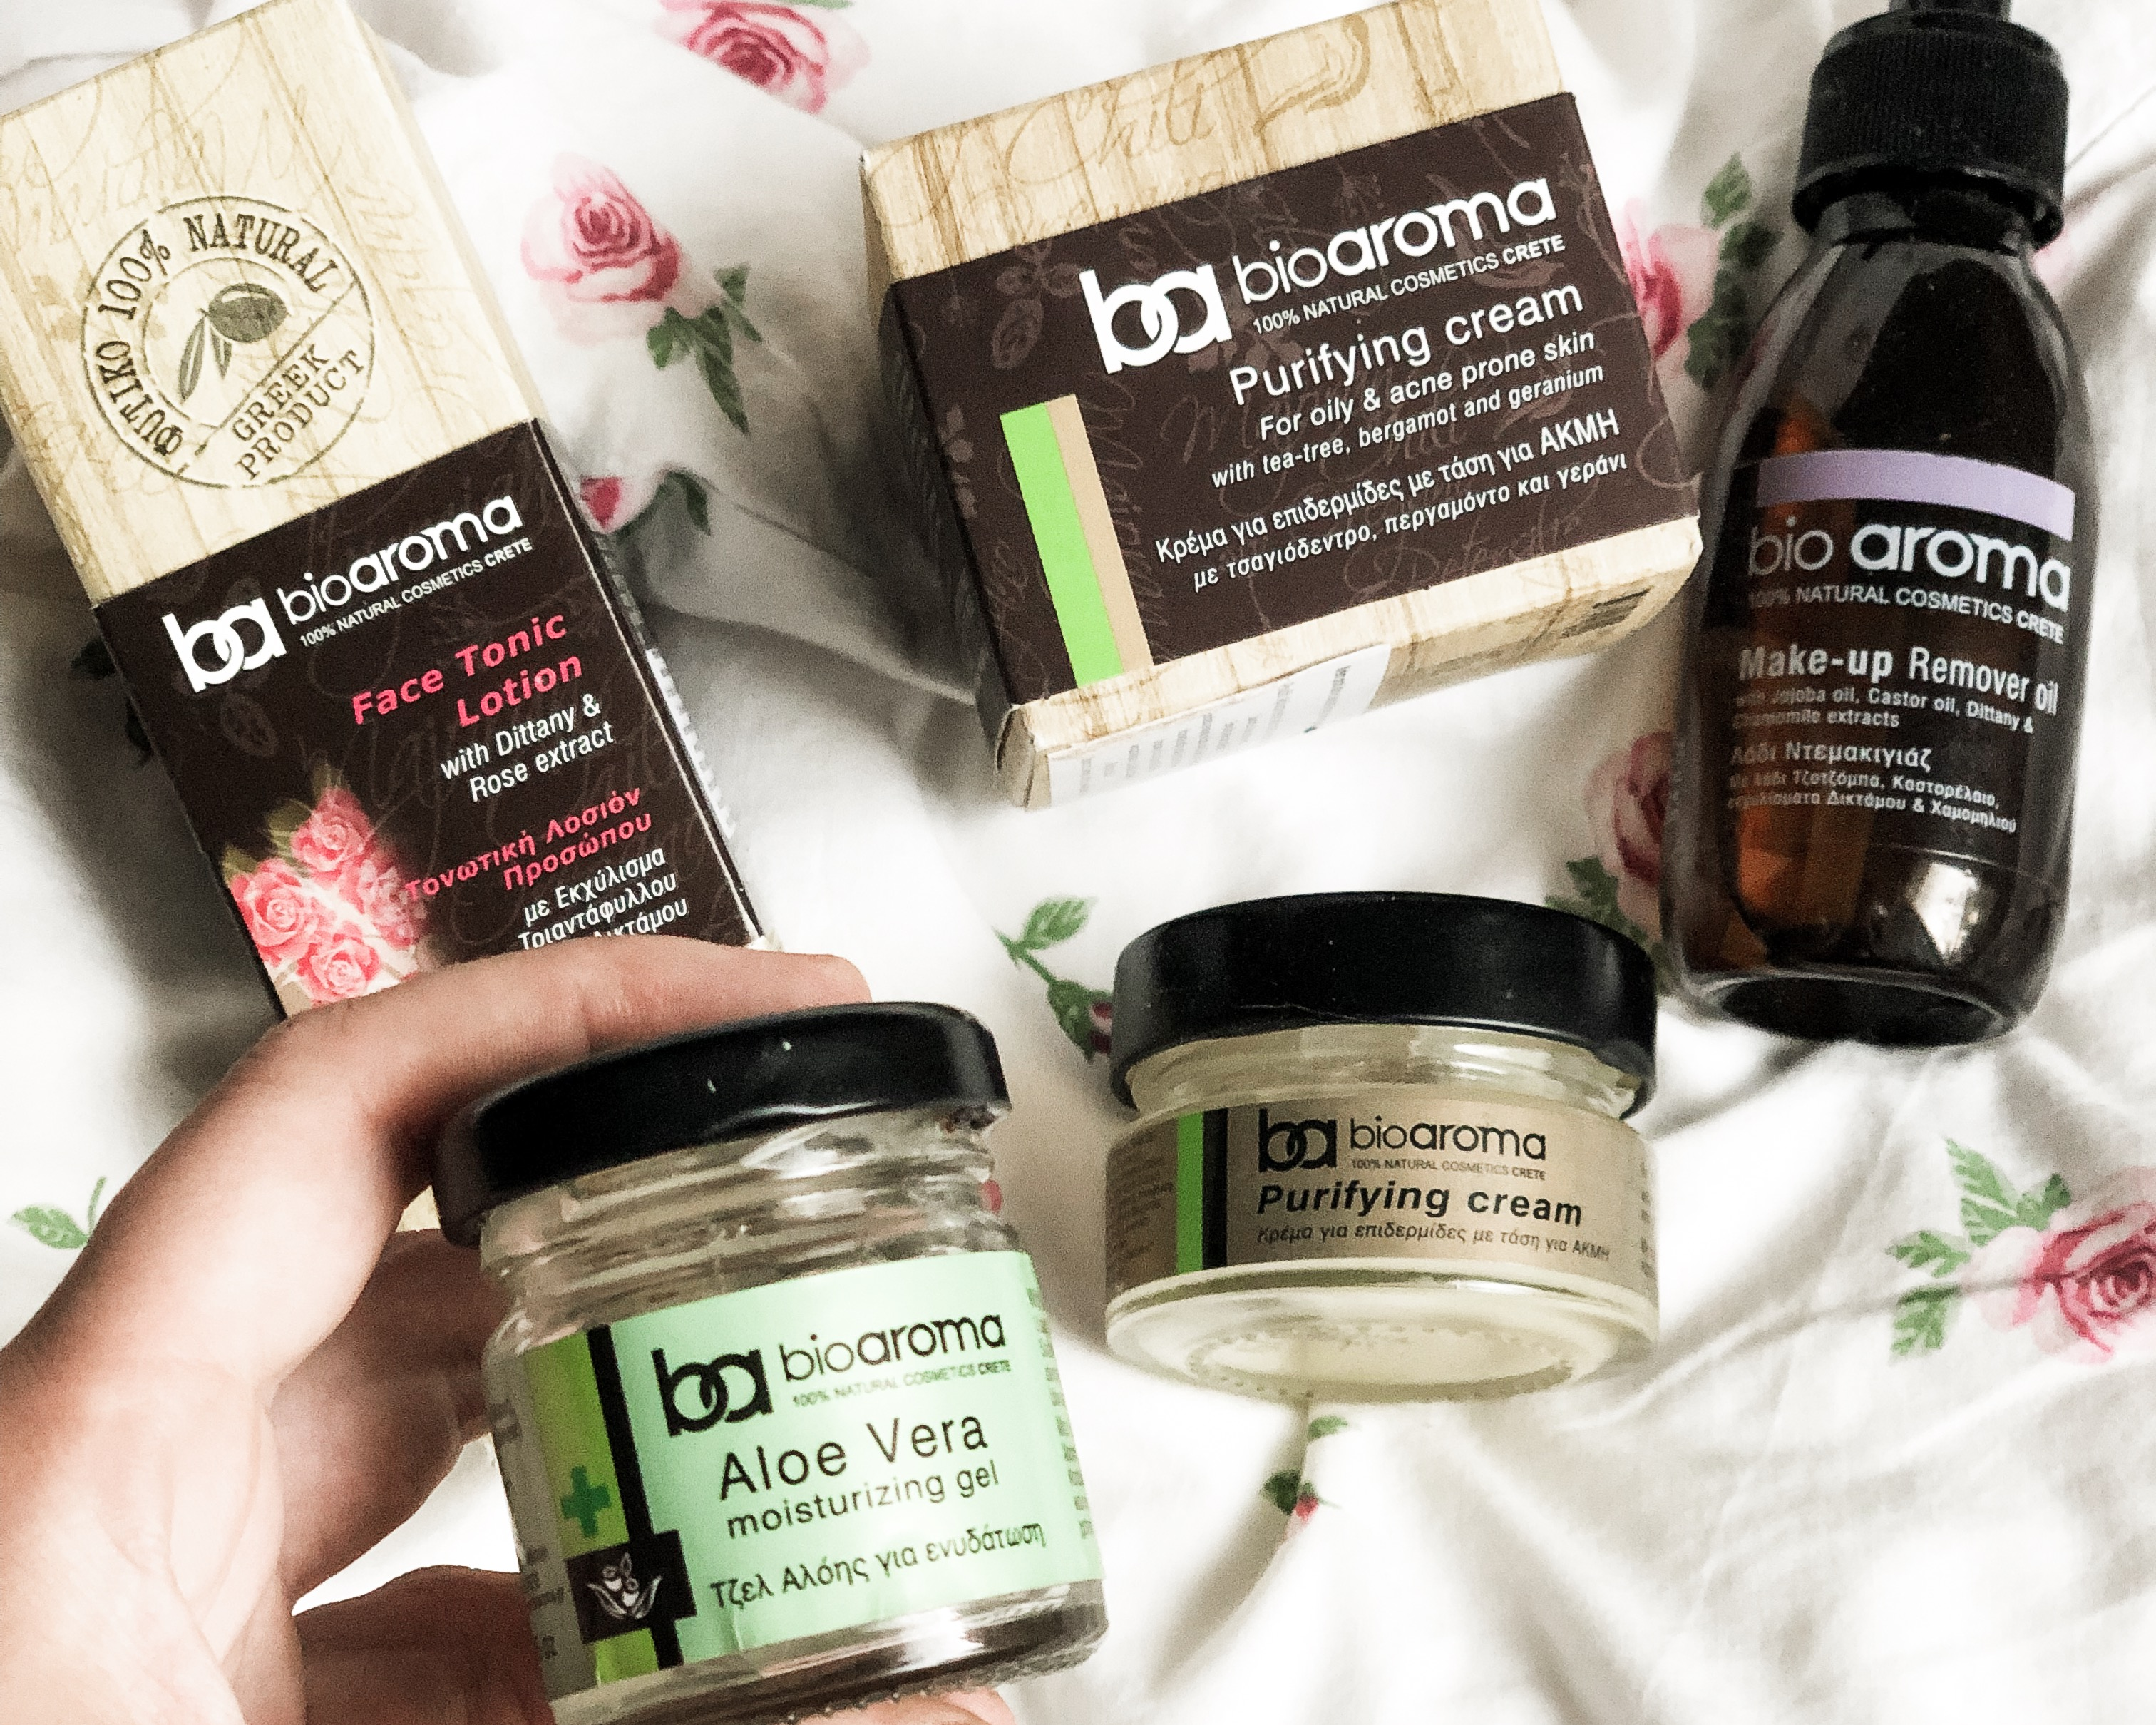 Přírodní kosmetika BioAroma proti akné v mládí i dospělosti. Jak na to?